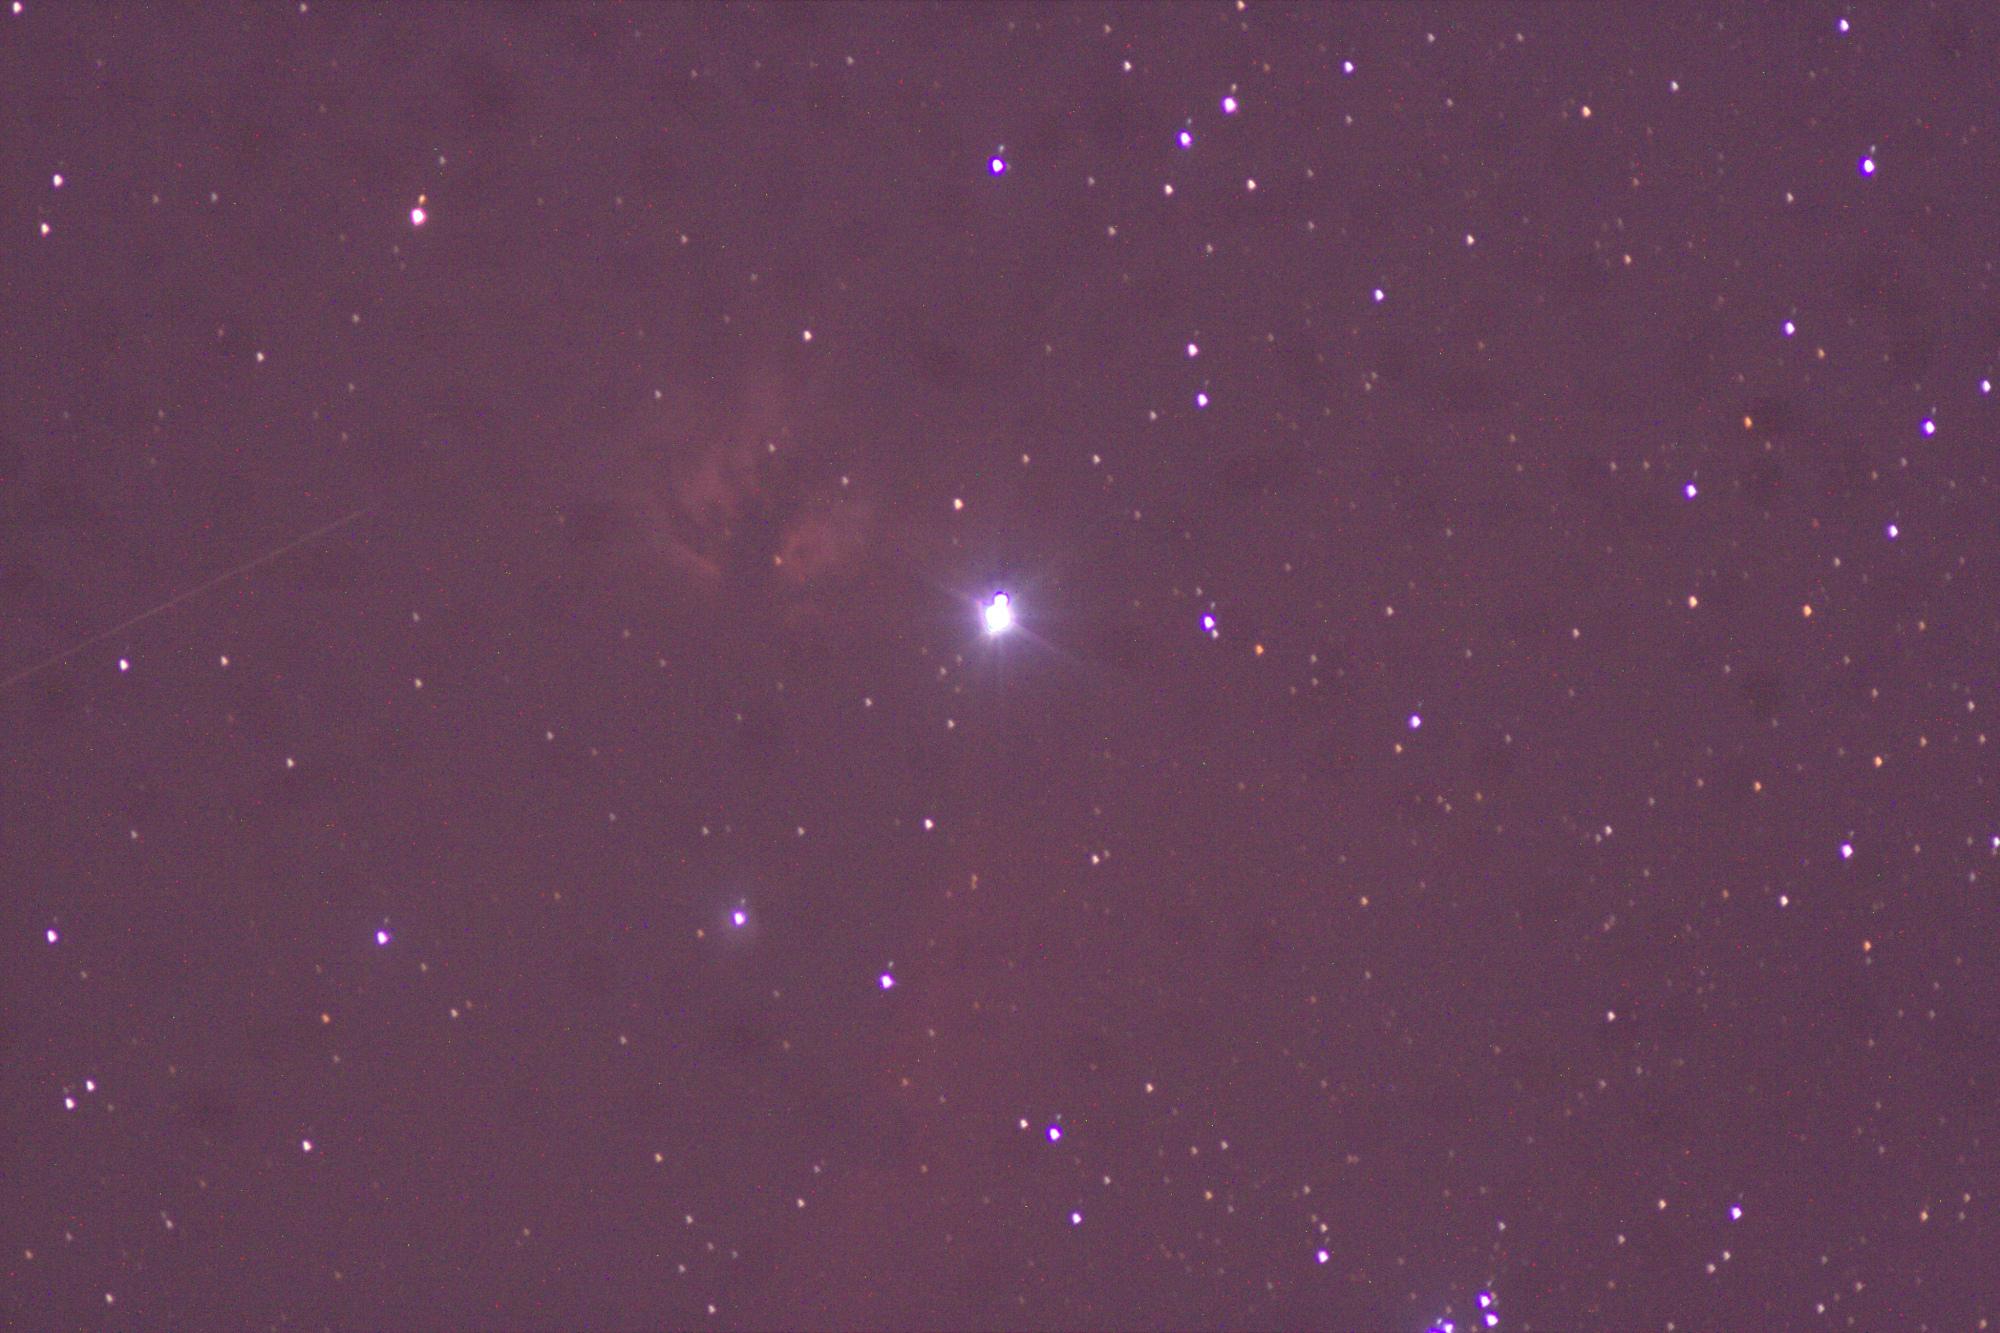 5c65c53962b4d_NGC20241.thumb.jpg.903e3e977fa74195914183c317757e63.jpg